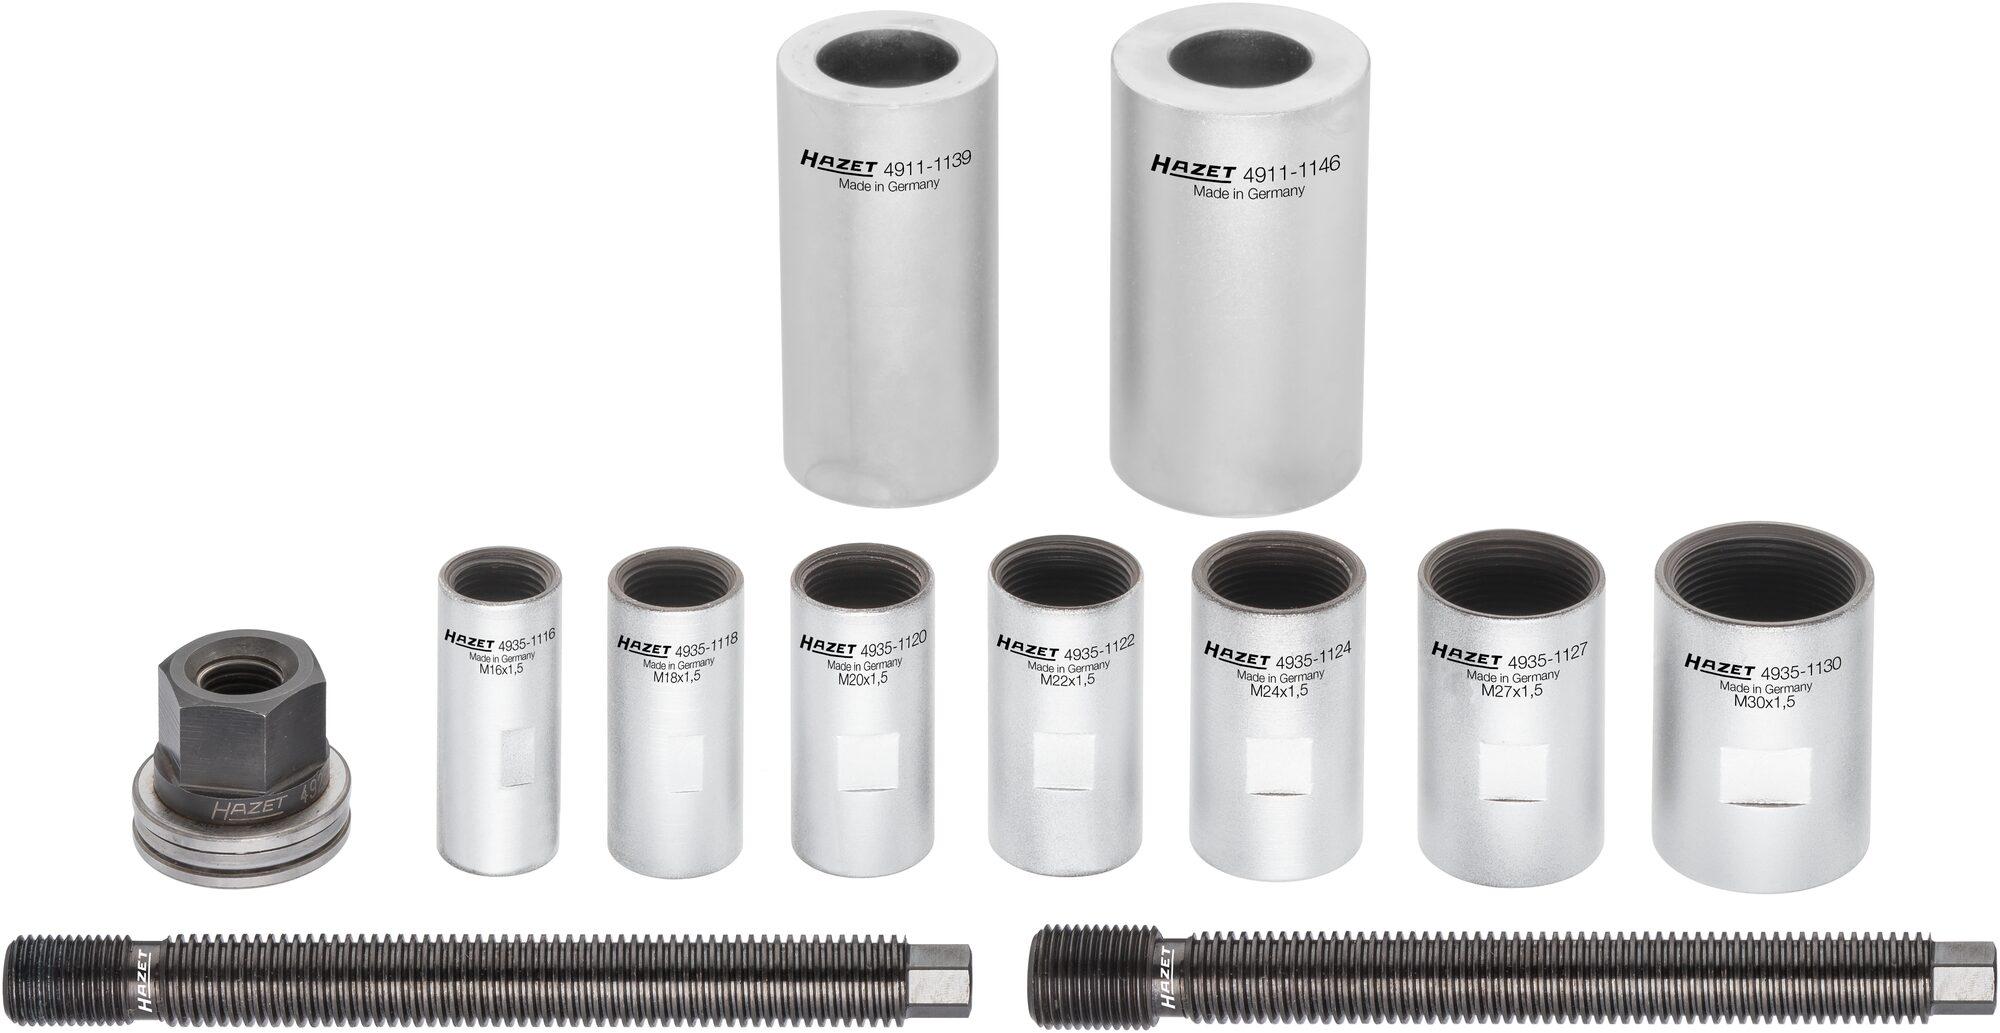 HAZET Antriebswellen Demontage / Montage Satz 4935-11/12 ∙ Anzahl Werkzeuge: 12